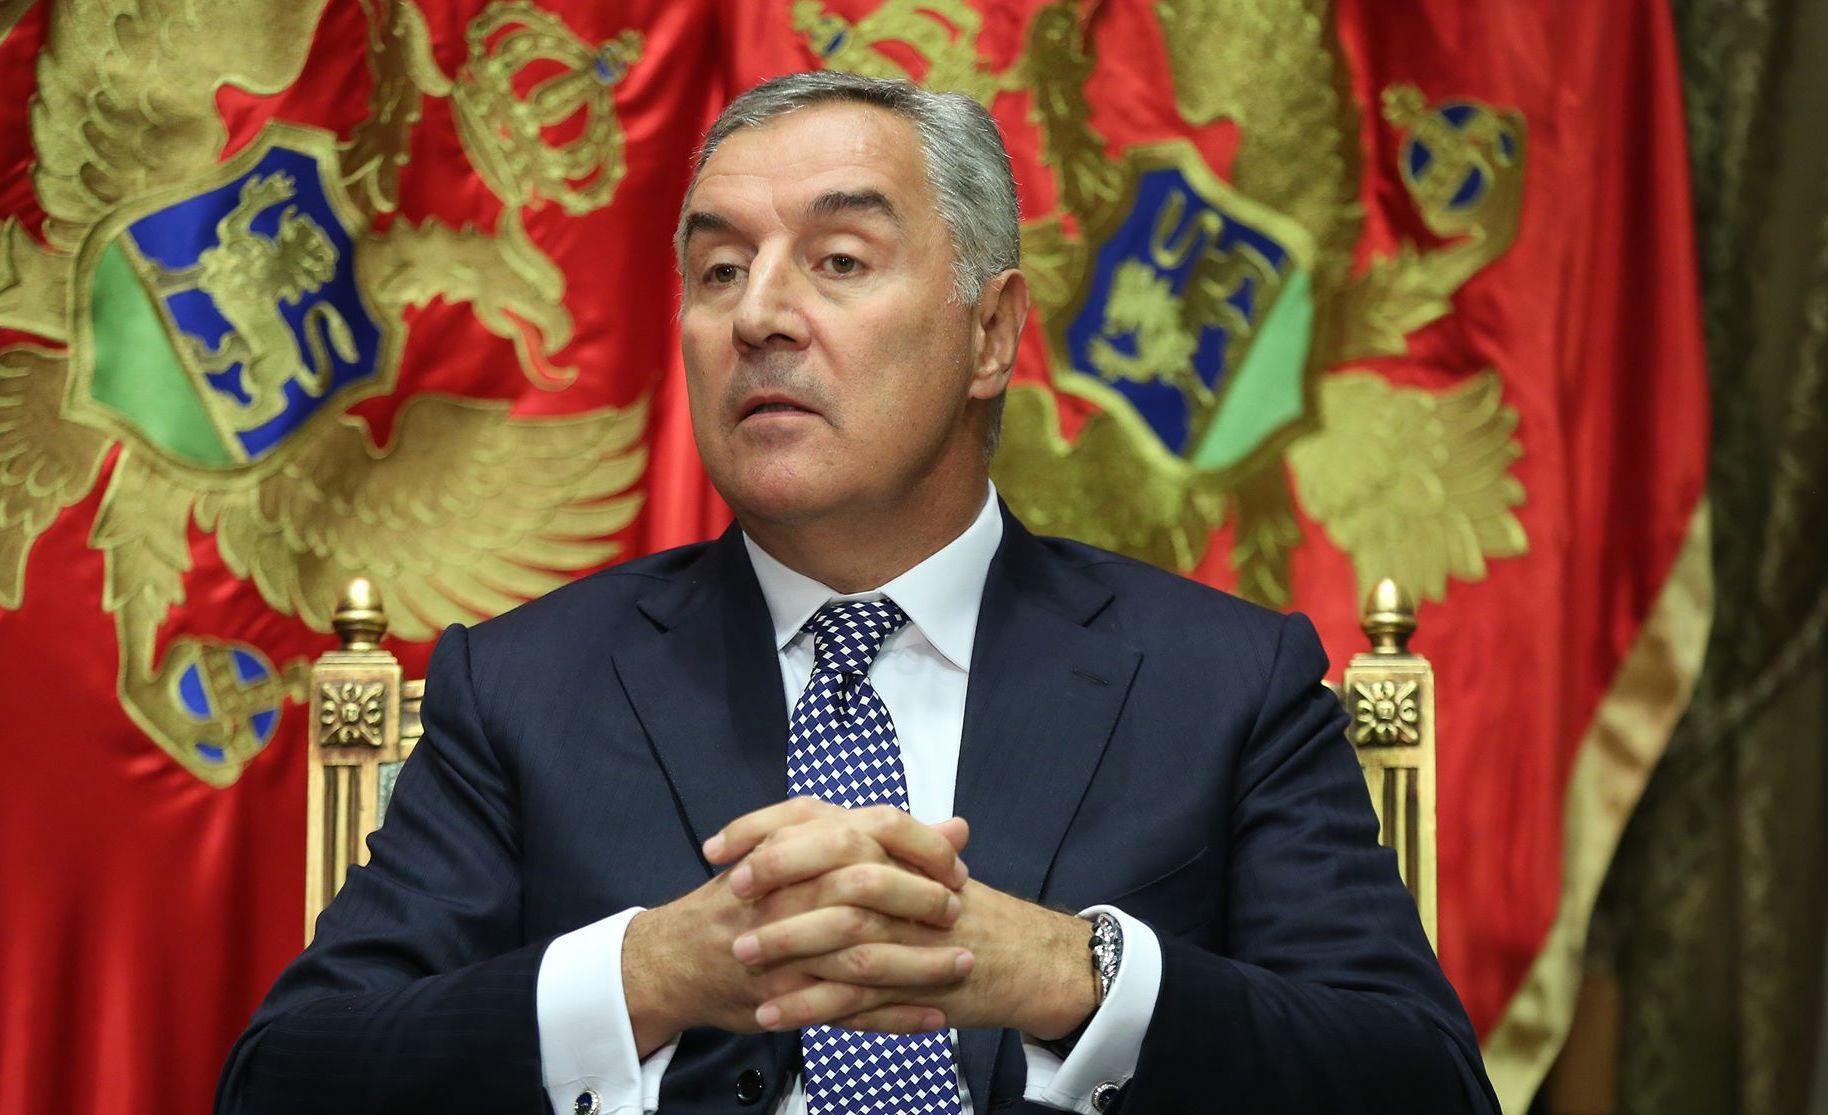 Ђукановић: Влада све своjе резерве укључујући и боjне отрове ставила на располагање цркви Србиjе да покори Цетиње и Црну Гору